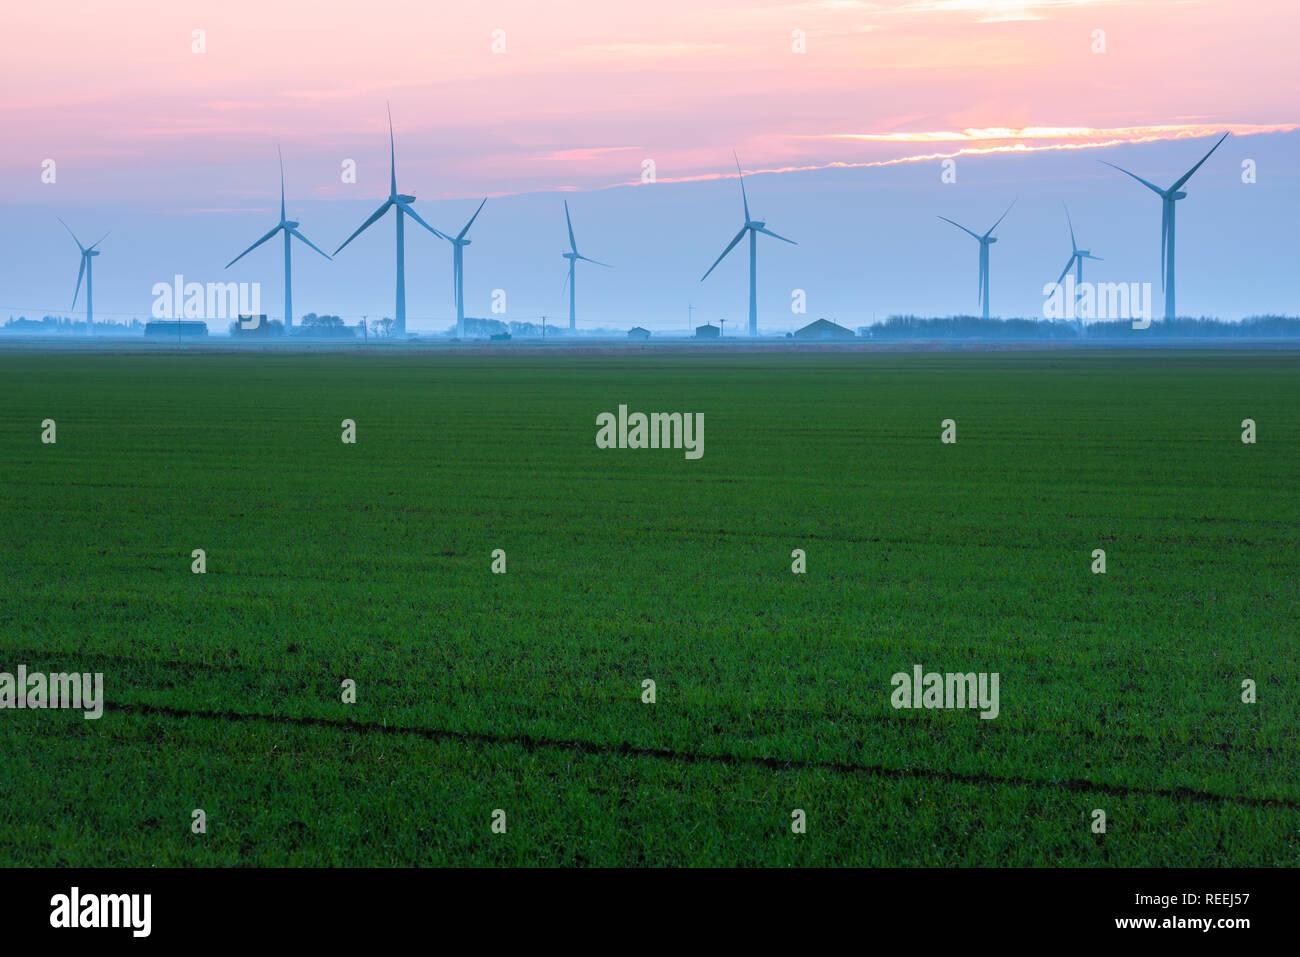 La energía renovable del Reino Unido, vista a través de un fen Cambridgeshire hacia una hilera de aerogeneradores, Inglaterra, Reino Unido. Imagen De Stock